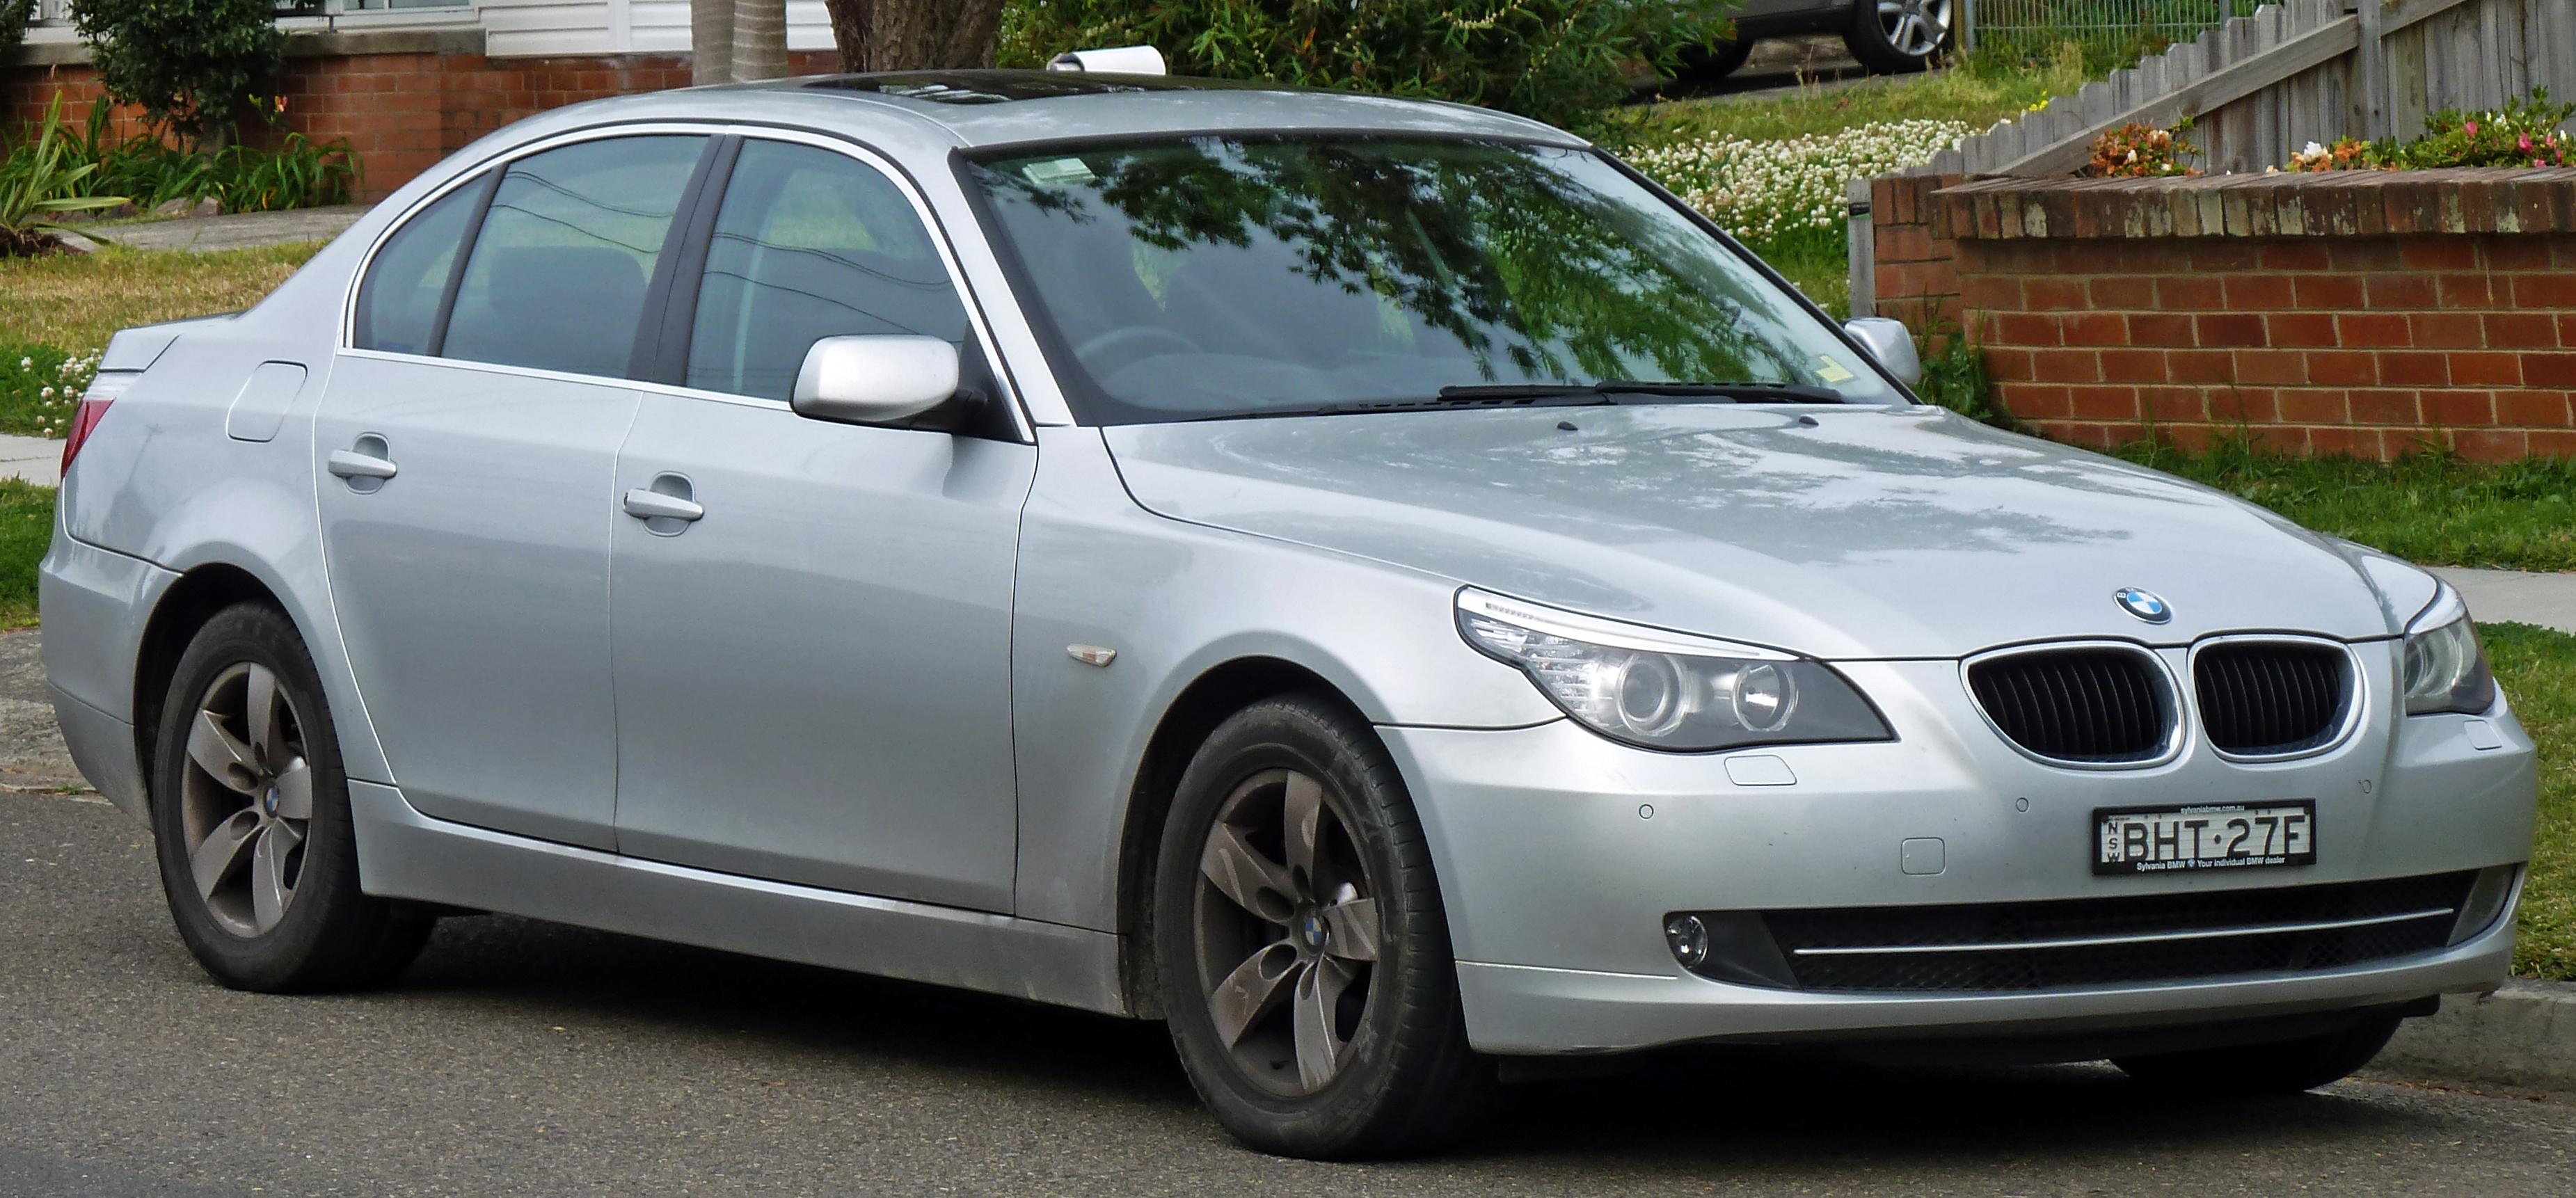 BMW  BMW 5 Series